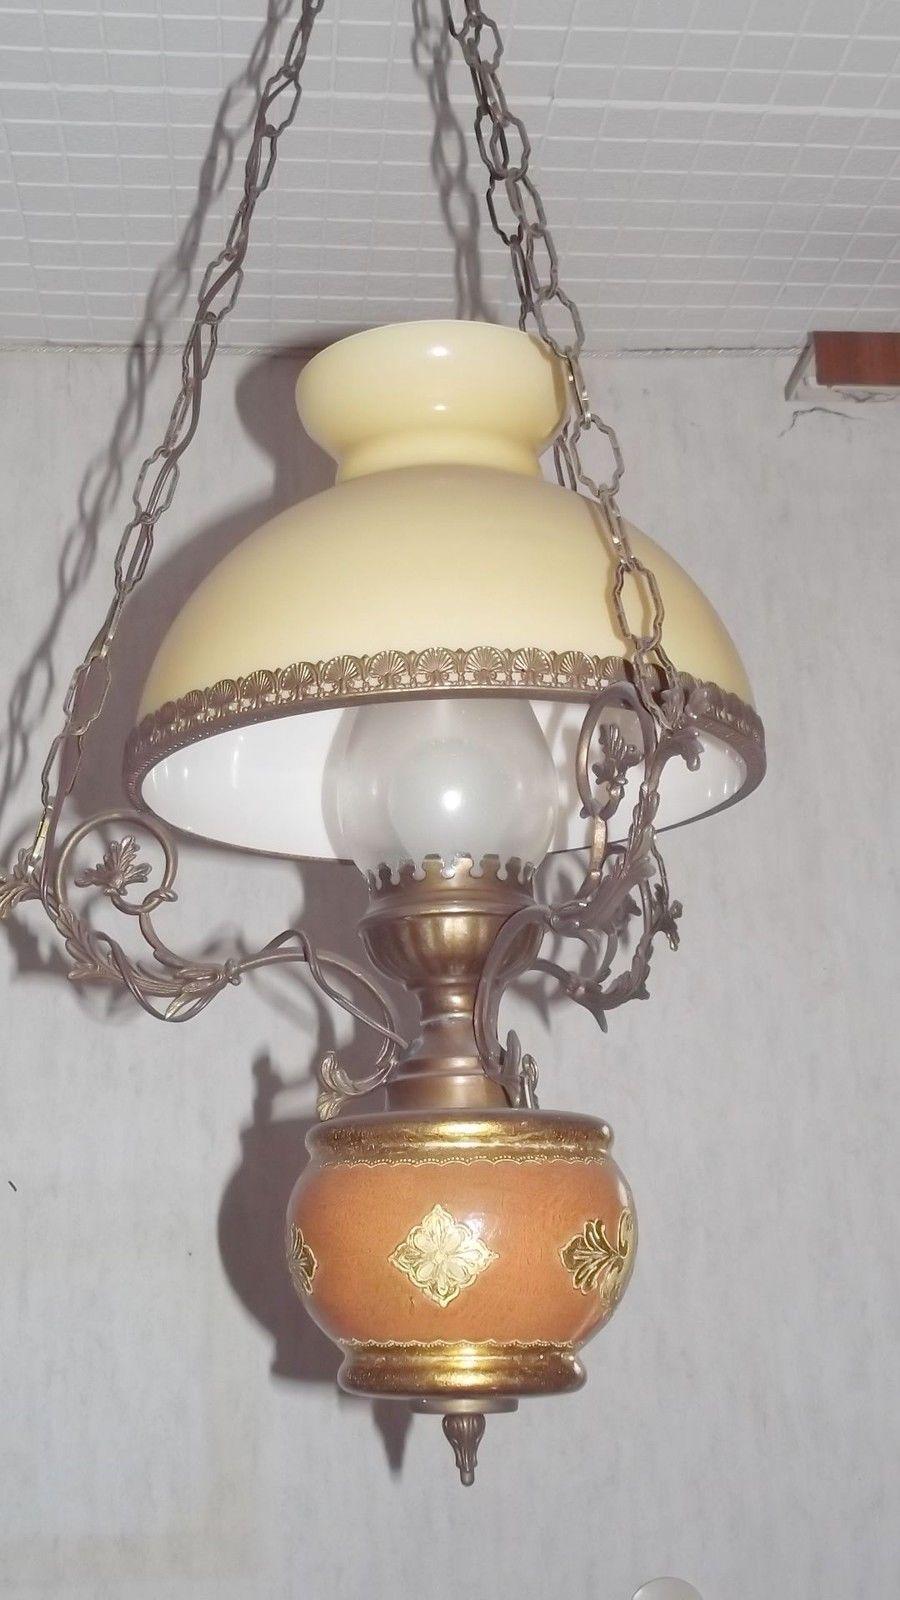 Messing Deckenlampe Kronleuchter Antik Ebay Oude Lampen Lampen